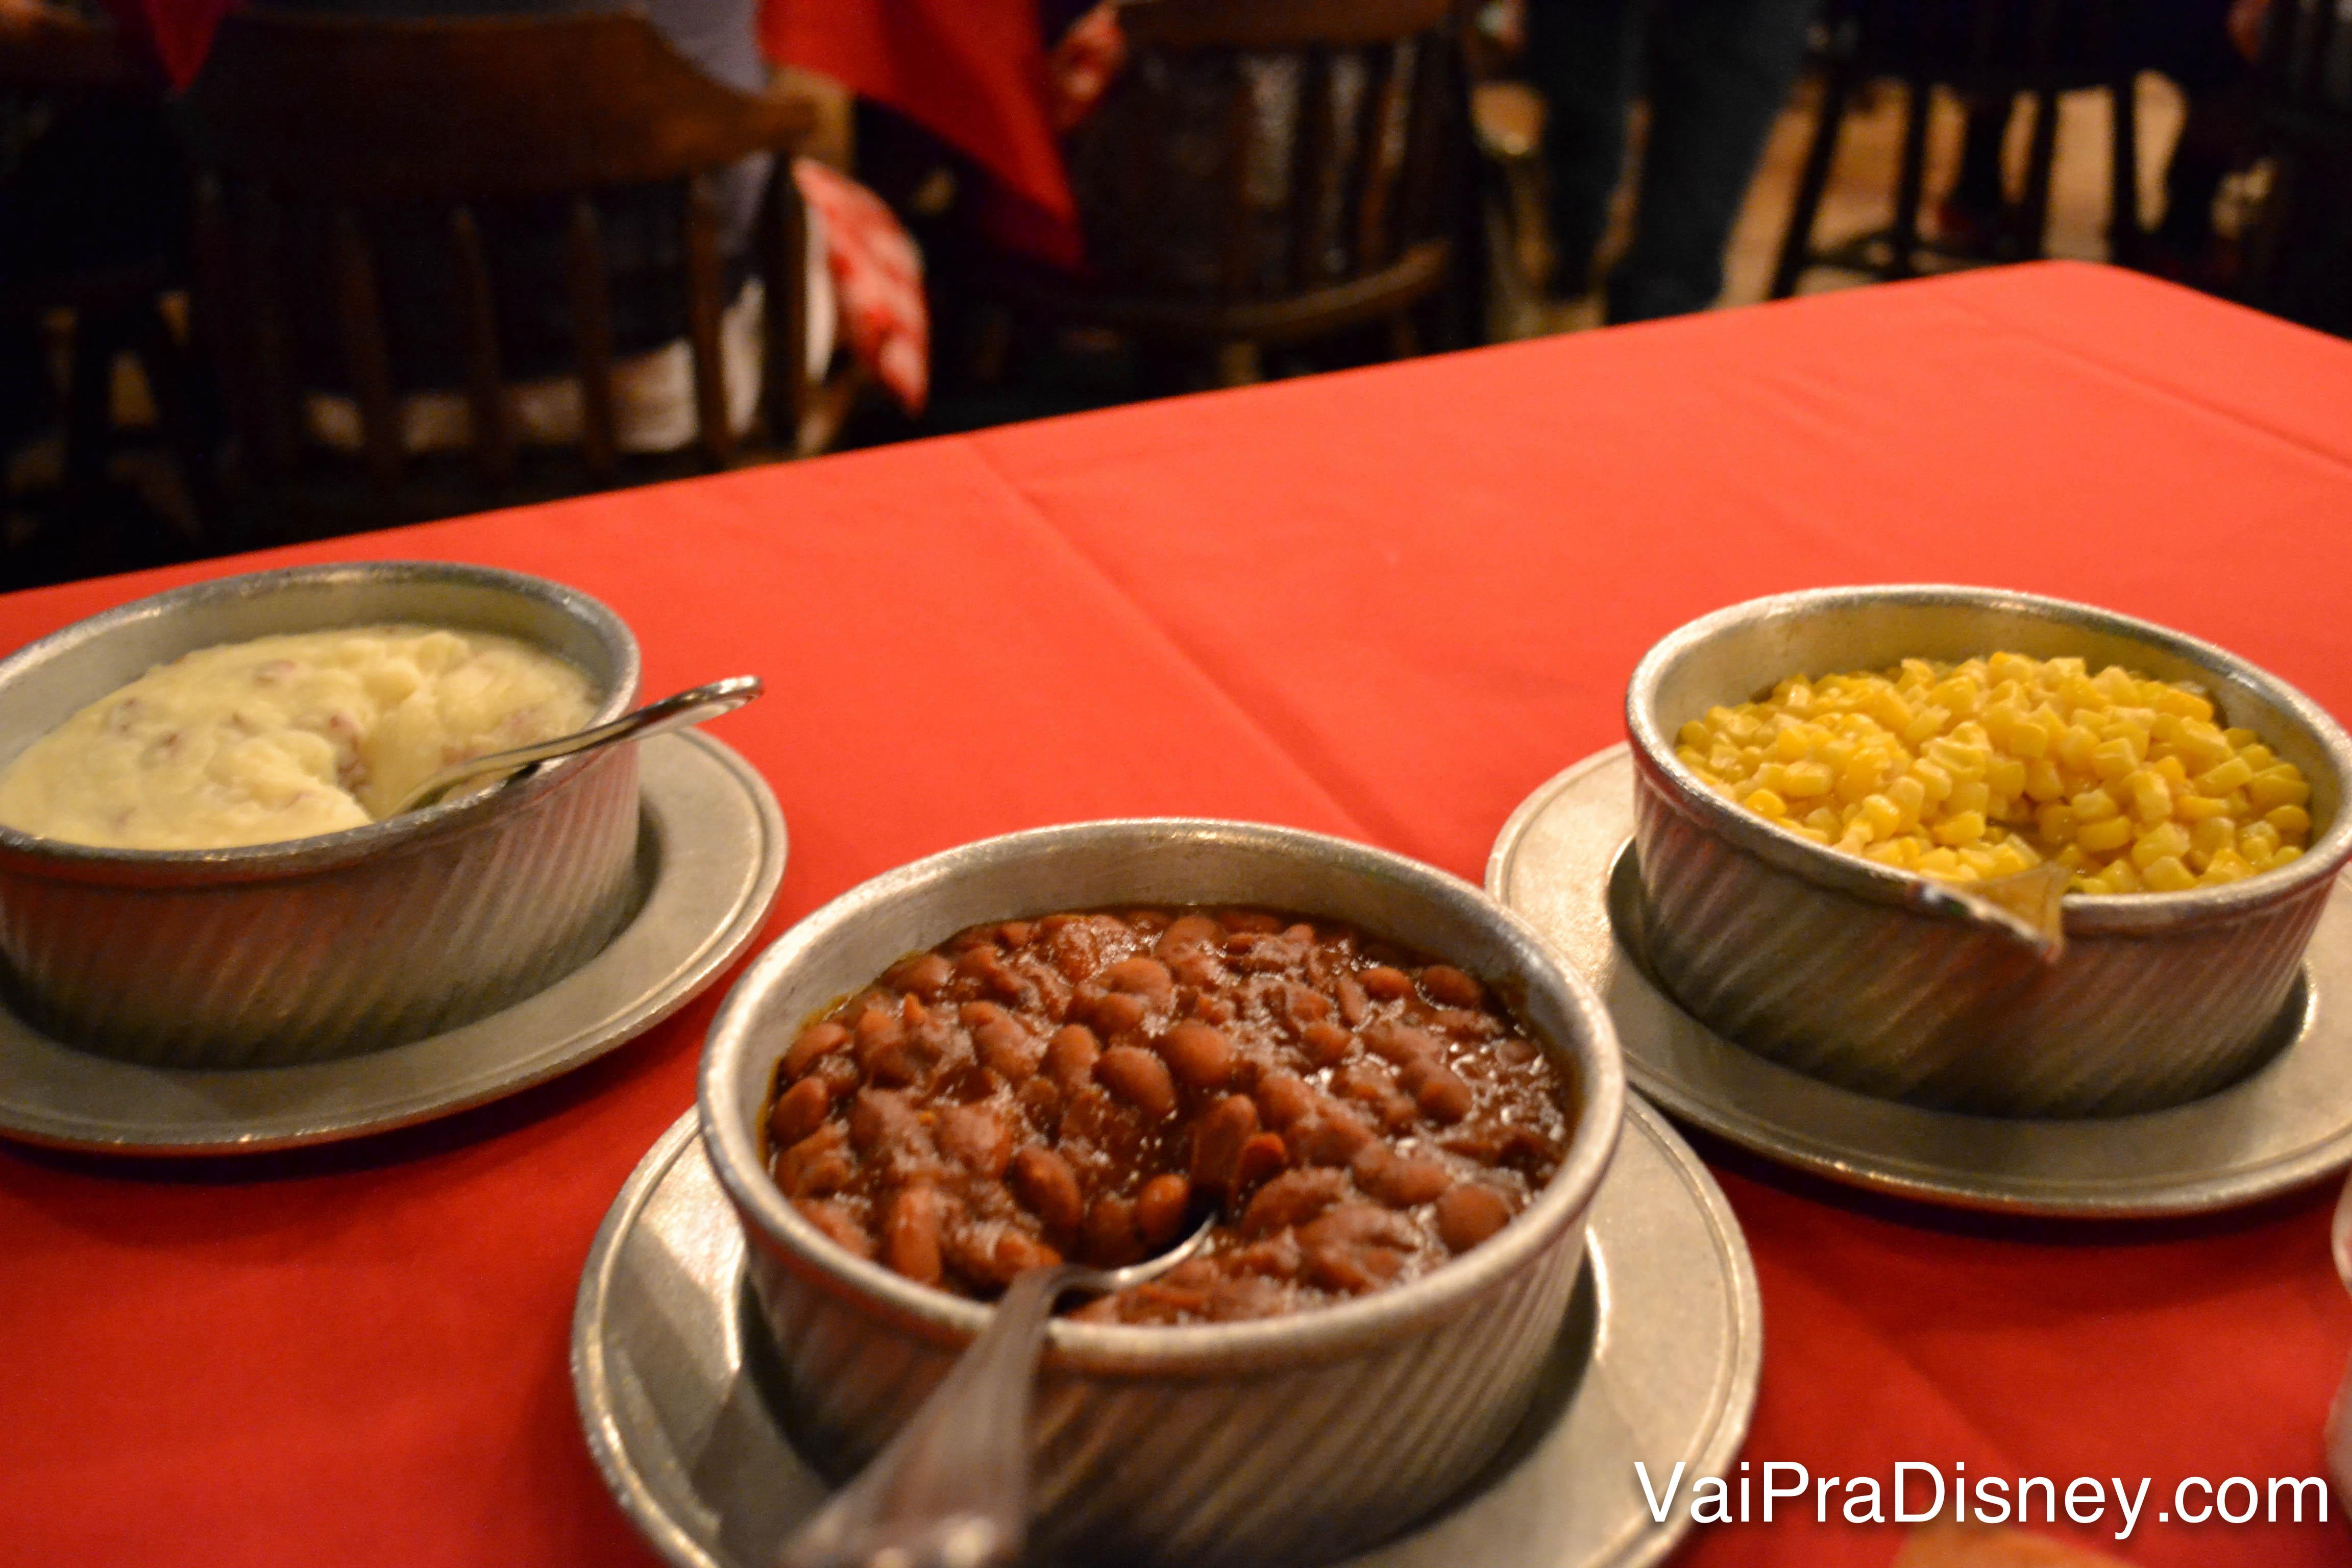 Acompanhamentos: purê de batata, milho cozido e feijão americano - bem apimentado.